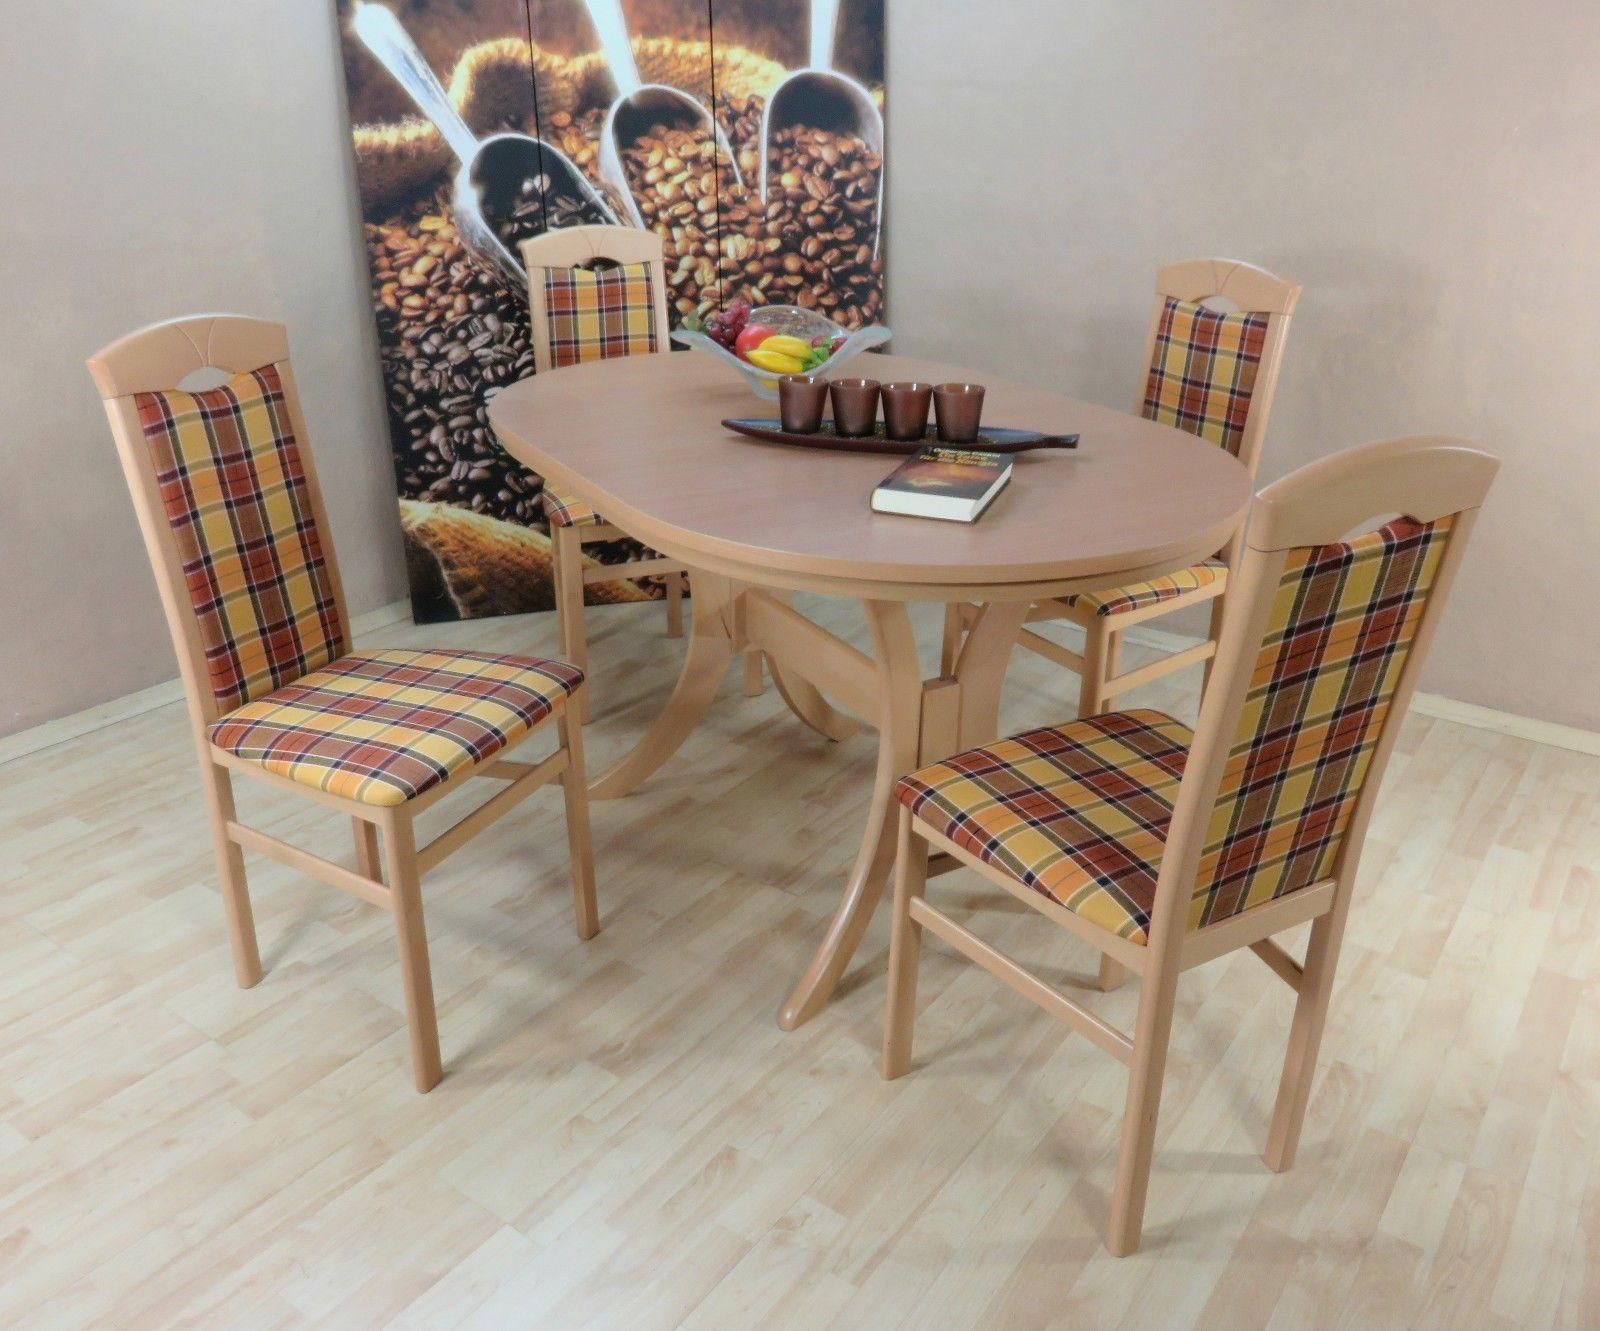 Blickfang Moderne Stühle Günstig Referenz Von Tischgruppe Buche Natur Gelb Massiv Stühle Tisch